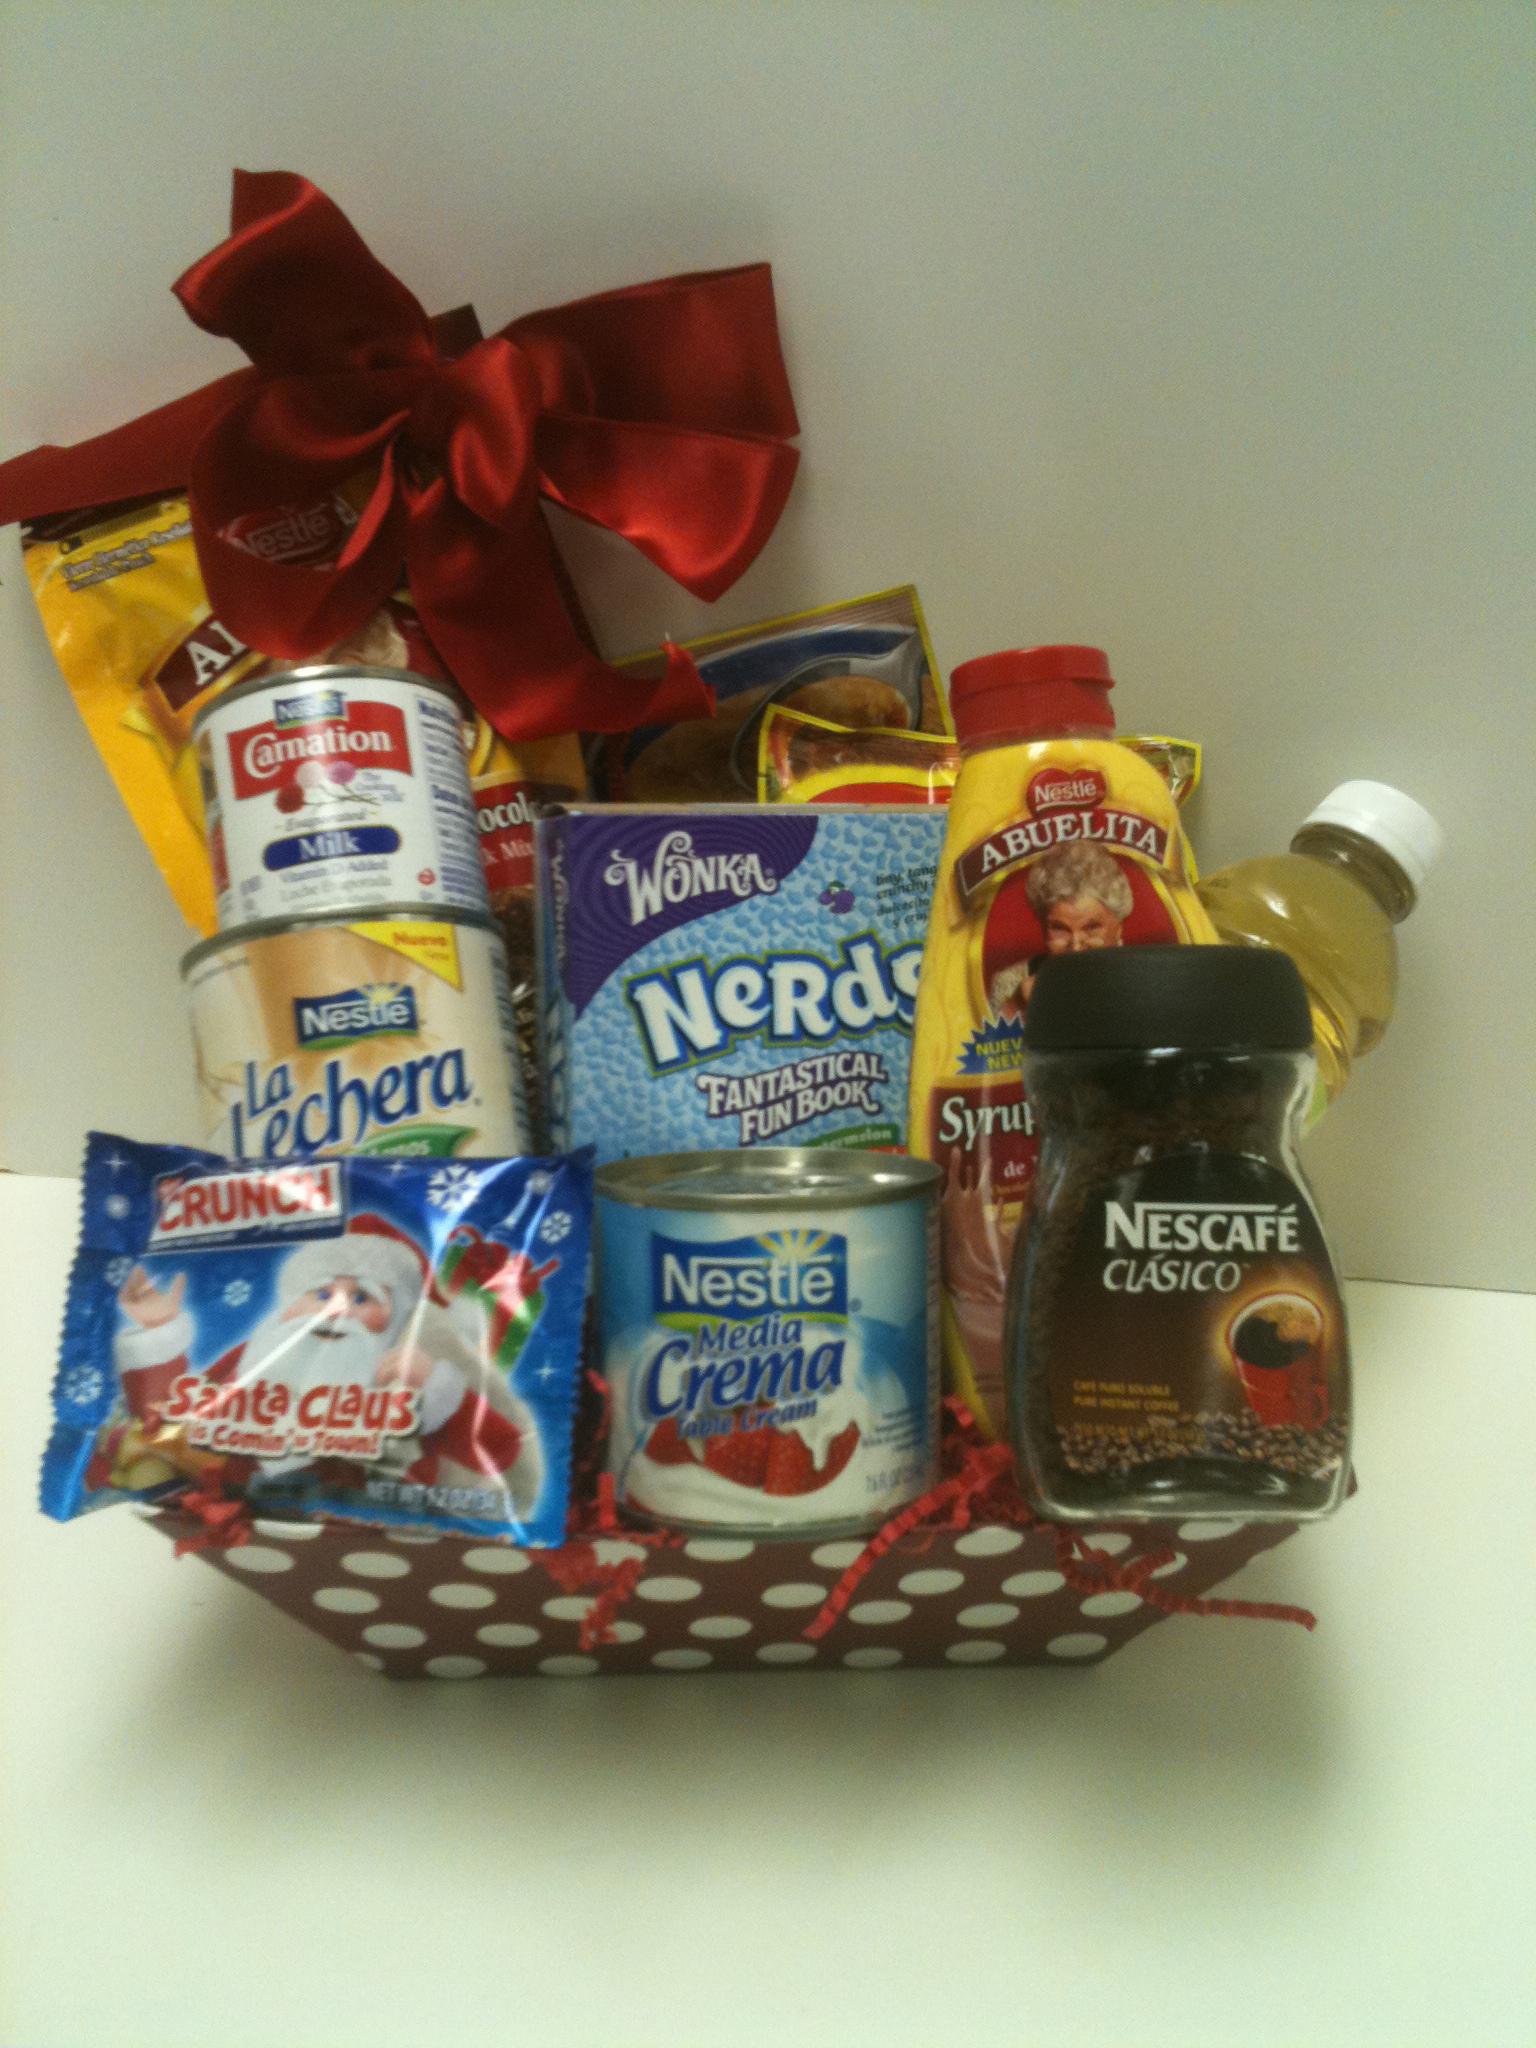 Nestle Holiday Basket